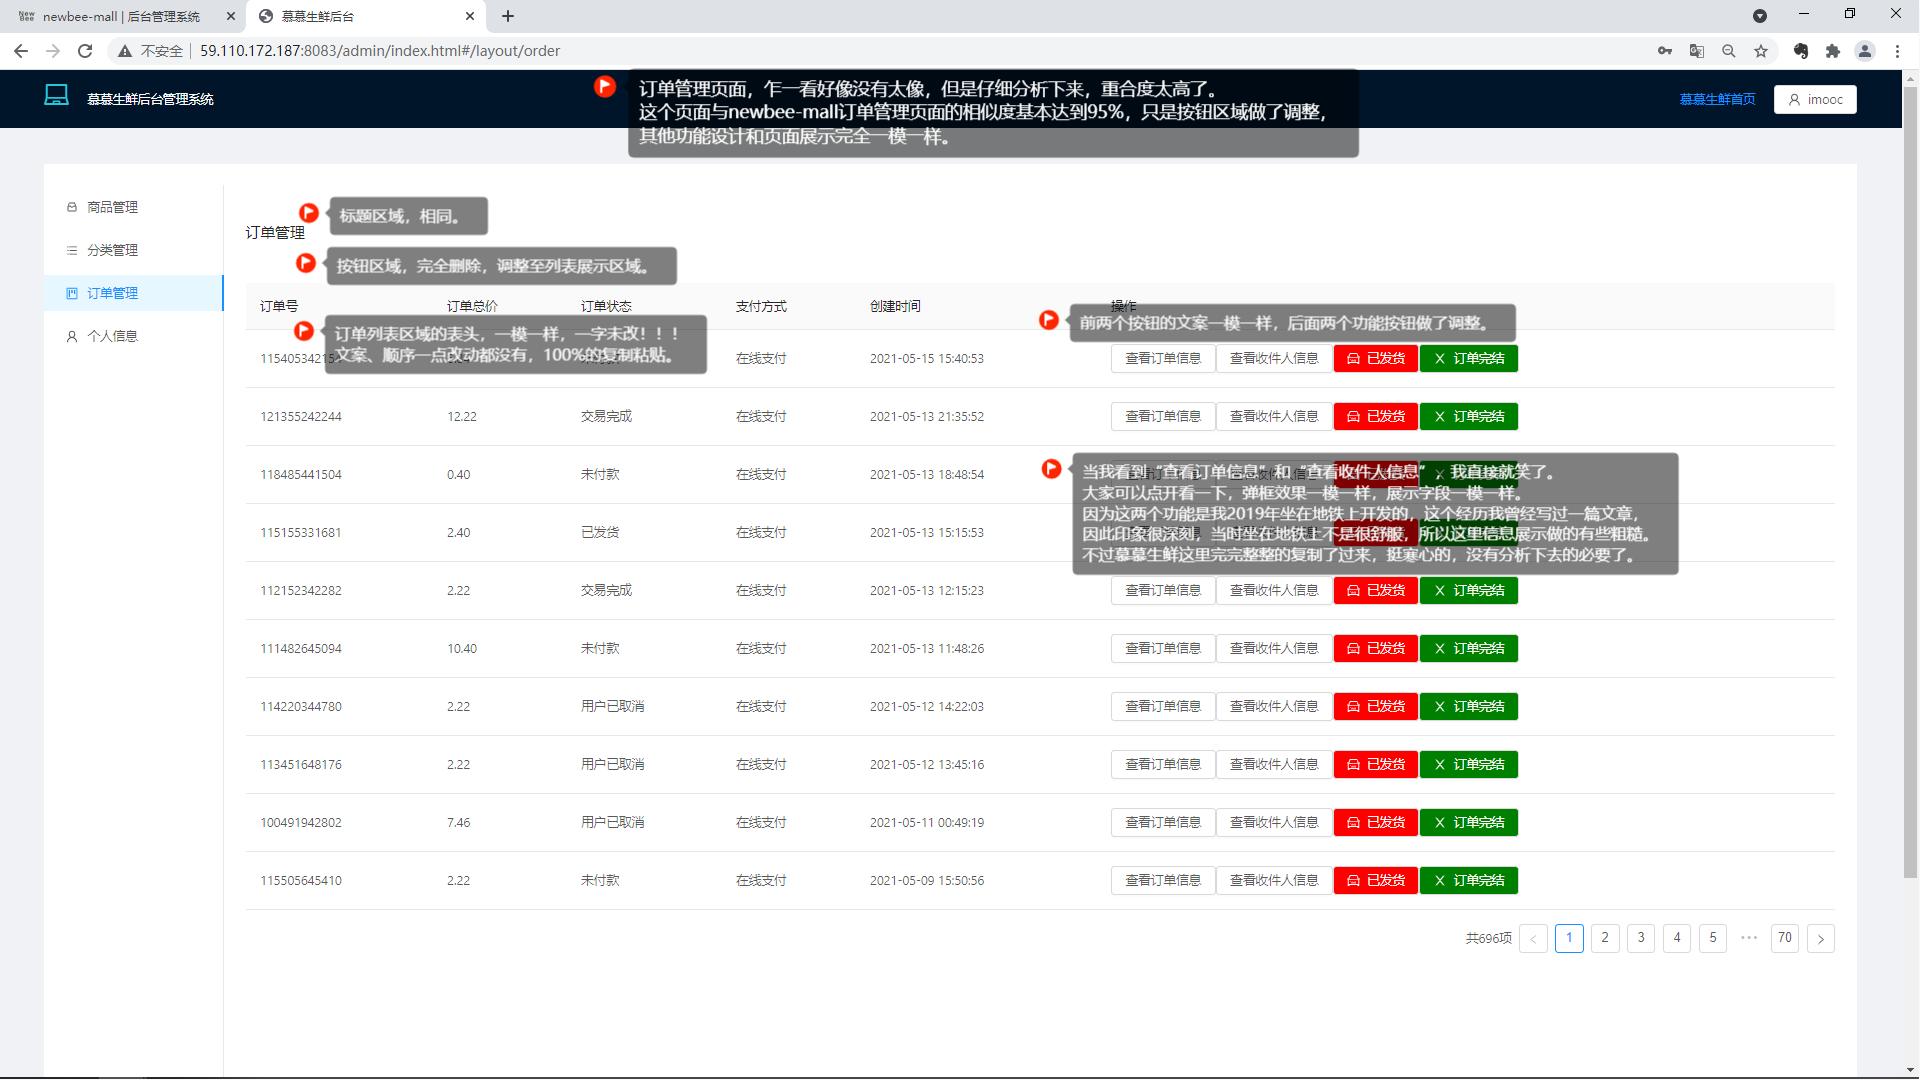 慕慕生鲜订单管理页面2